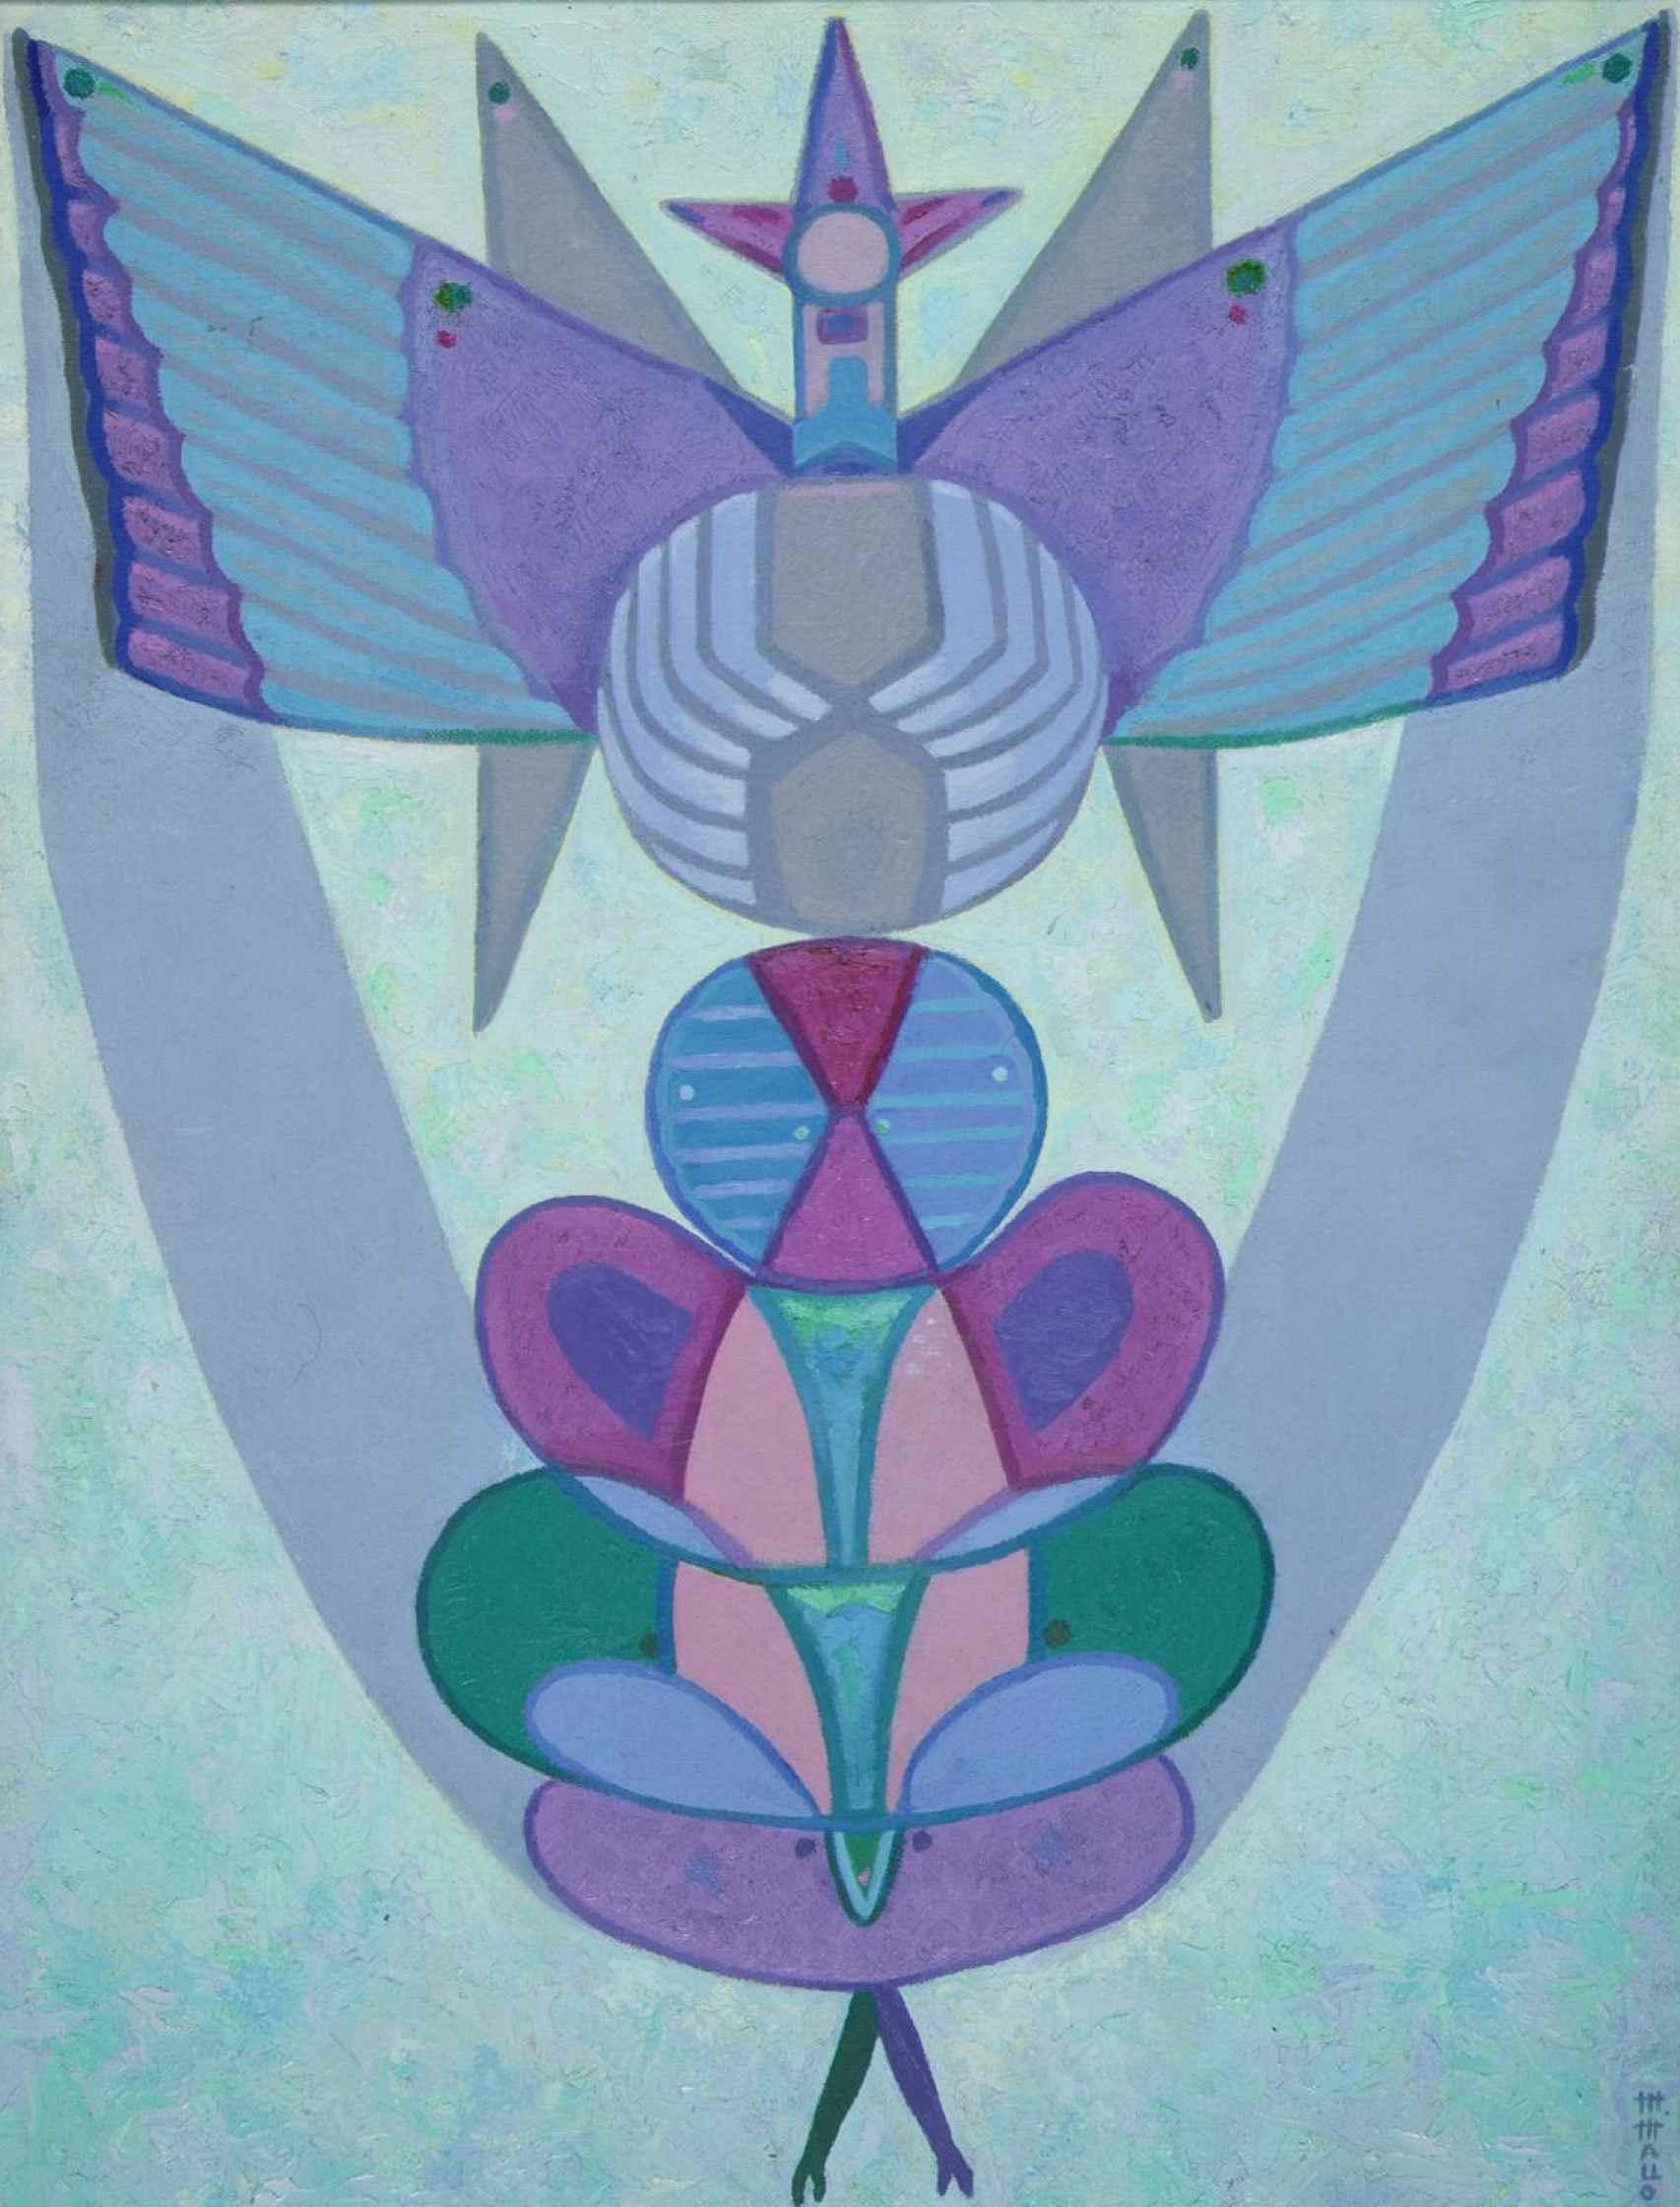 La pintura Airagu (1972), en el Museo Nacional Centro de Arte Reina Sofía.